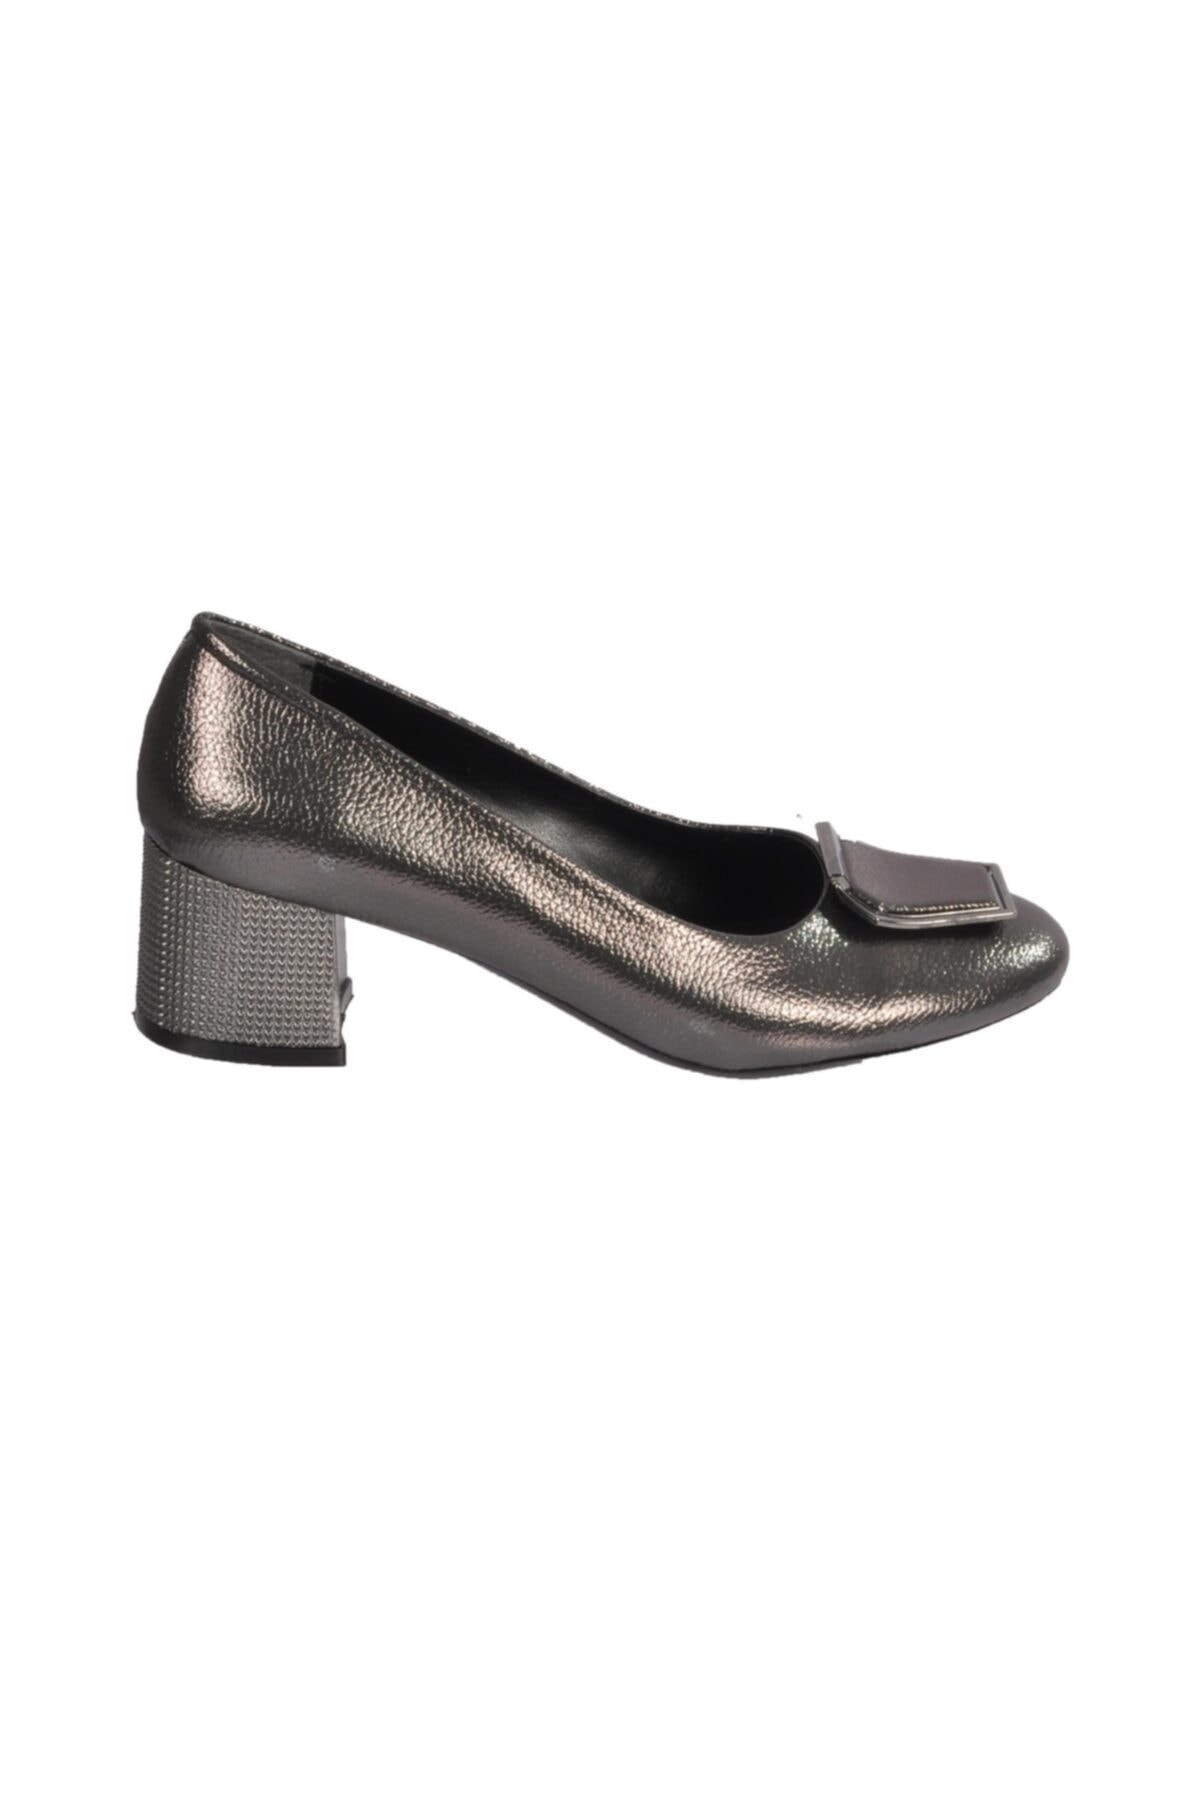 Maje 2122 Platin Kadın Topuklu Ayakkabı 2